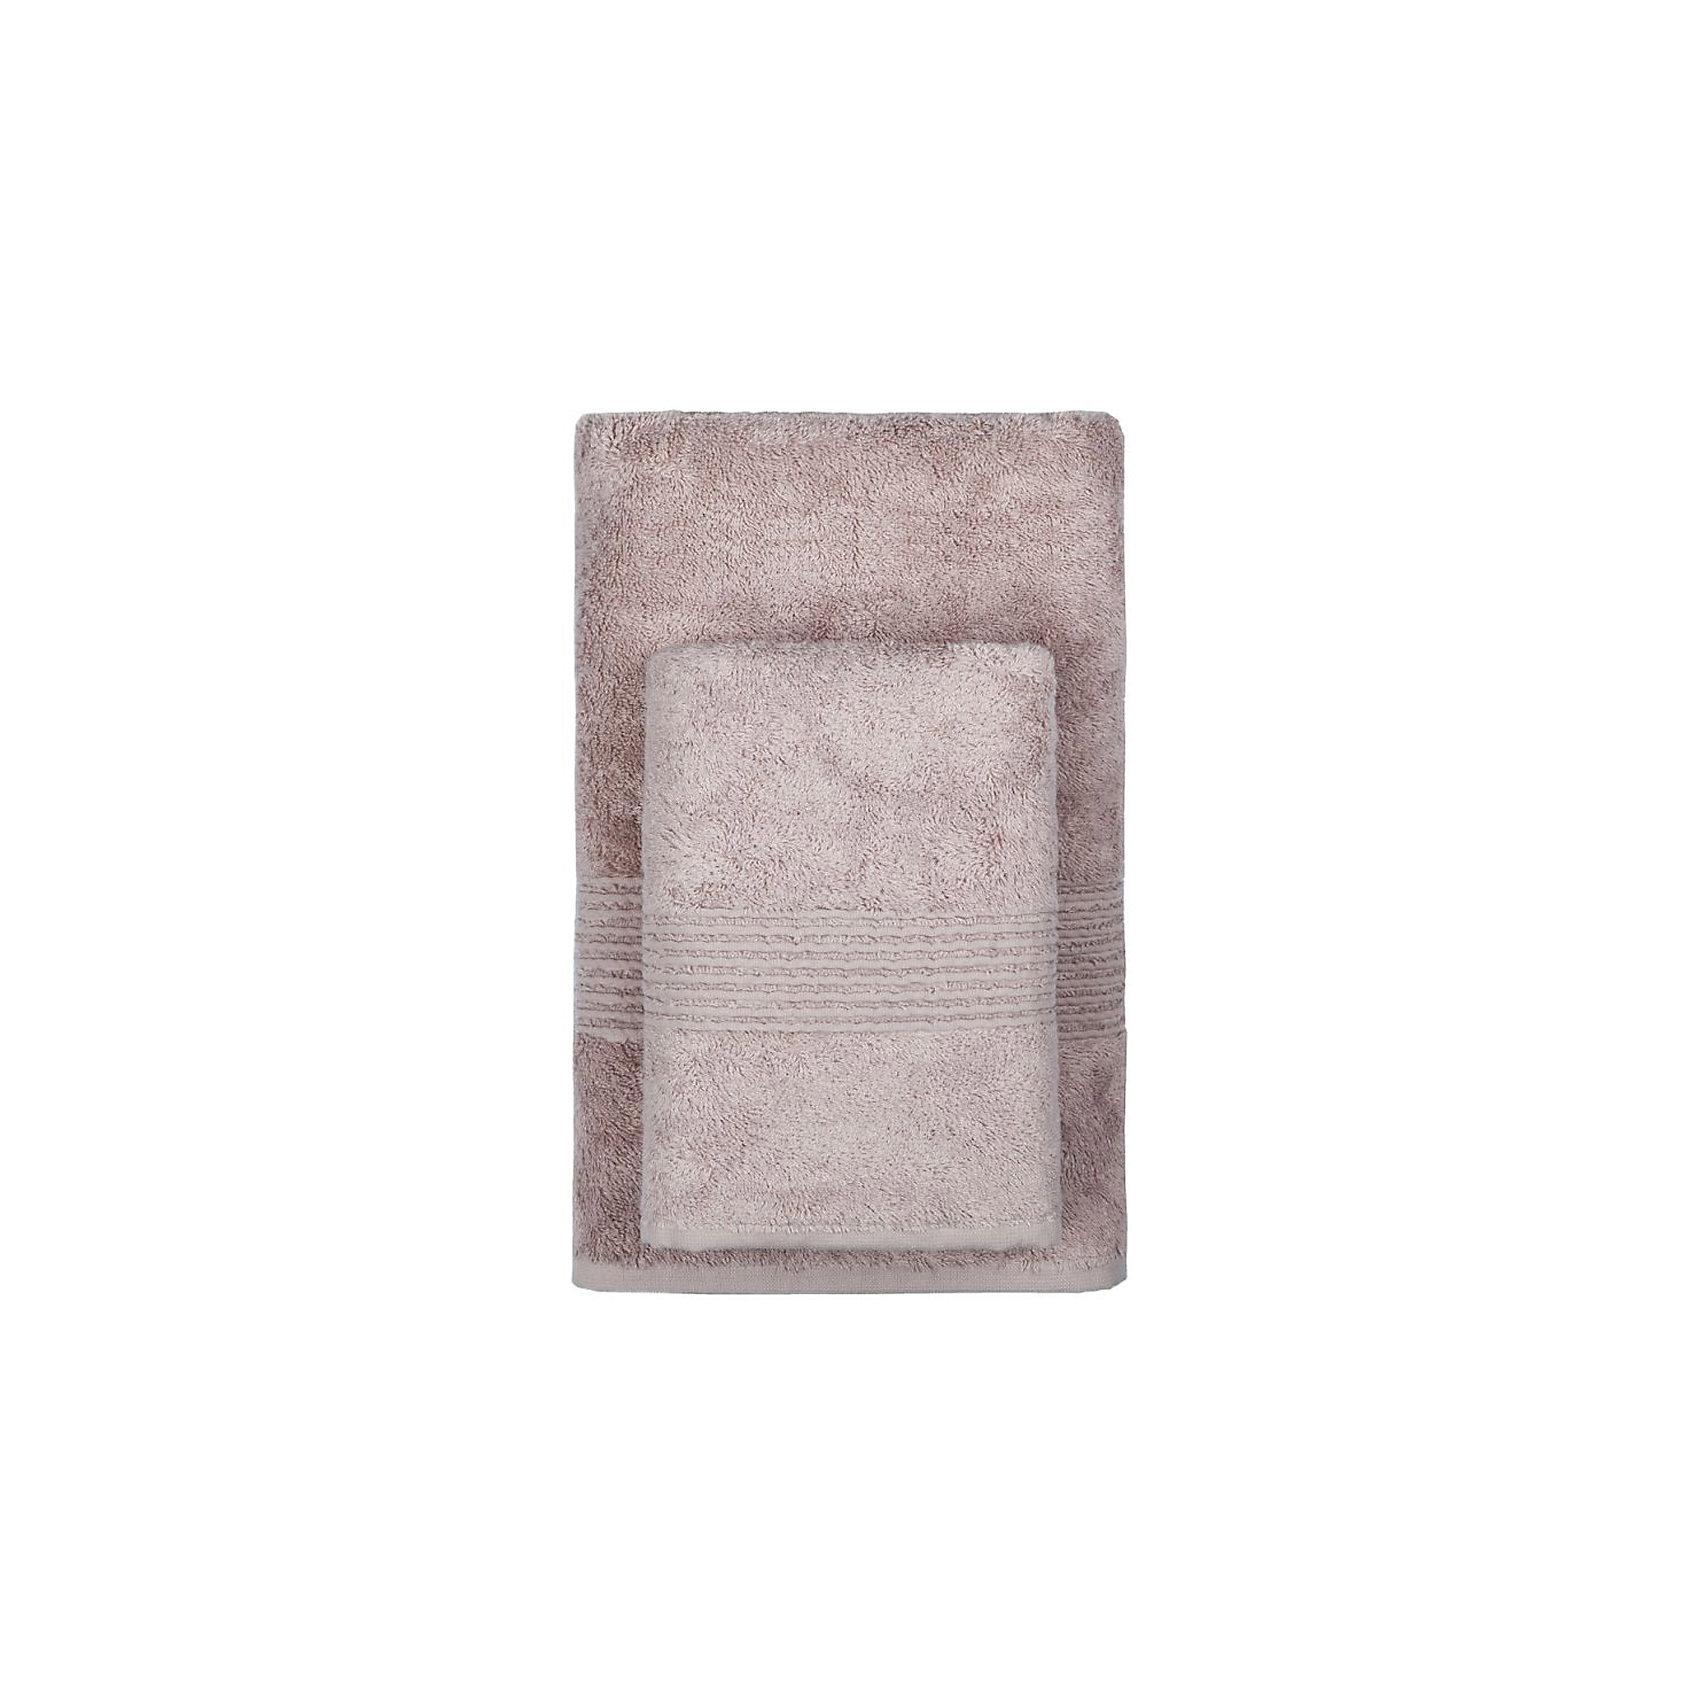 Полотенце махровое Maison Bambu, 70*140, TAC, кофе (kahve)Ванная комната<br>Характеристики:<br><br>• Вид домашнего текстиля: махровое полотенце<br>• Размеры полотенца: 70*140 см<br>• Рисунок: без рисунка<br>• Декоративные элементы: бордюр<br>• Материал: хлопок, 50% хлопок; бамбук, 50%<br>• Цвет: кофейный<br>• Плотность полотна: 550 гр/м2 <br>• Вес: 550 г<br>• Размеры упаковки (Д*Ш*В): 37*5*25 см<br>• Особенности ухода: машинная стирка <br><br>Полотенце махровое Maison Bambu, 70*140, TAC, кофе (kahve) от наиболее популярного бренда на отечественном рынке среди производителей комплектов постельного белья и текстильных принадлежностей, выпуском которого занимается производственная компания, являющаяся частью мирового холдинга Zorlu Holding Textiles Group. Полотенце выполнено из сочетания натурального хлопка и бамбукового волокна, что обеспечивает гипоаллергенность, высокую износоустойчивость, повышенные гигкоскопические и антибактериальные свойства изделия. <br><br>Благодаря высокой степени плотности махры, полотенце отлично впитывает влагу, но при этом остается мягким. Ворс окрашен стойкими нетоксичными красителями, который не оставляет запаха и обеспечивает ровный окрас. Полотенце сохраняет свой цвет и форму даже при частых стирках. Выполнено в кофейном цвете без рисунка, декорировано бордюром.<br><br>Полотенце махровое Maison Bambu, 70*140, TAC, кофе (kahve) можно купить в нашем интернет-магазине.<br><br>Ширина мм: 250<br>Глубина мм: 30<br>Высота мм: 350<br>Вес г: 500<br>Возраст от месяцев: 216<br>Возраст до месяцев: 1188<br>Пол: Унисекс<br>Возраст: Детский<br>SKU: 5476326